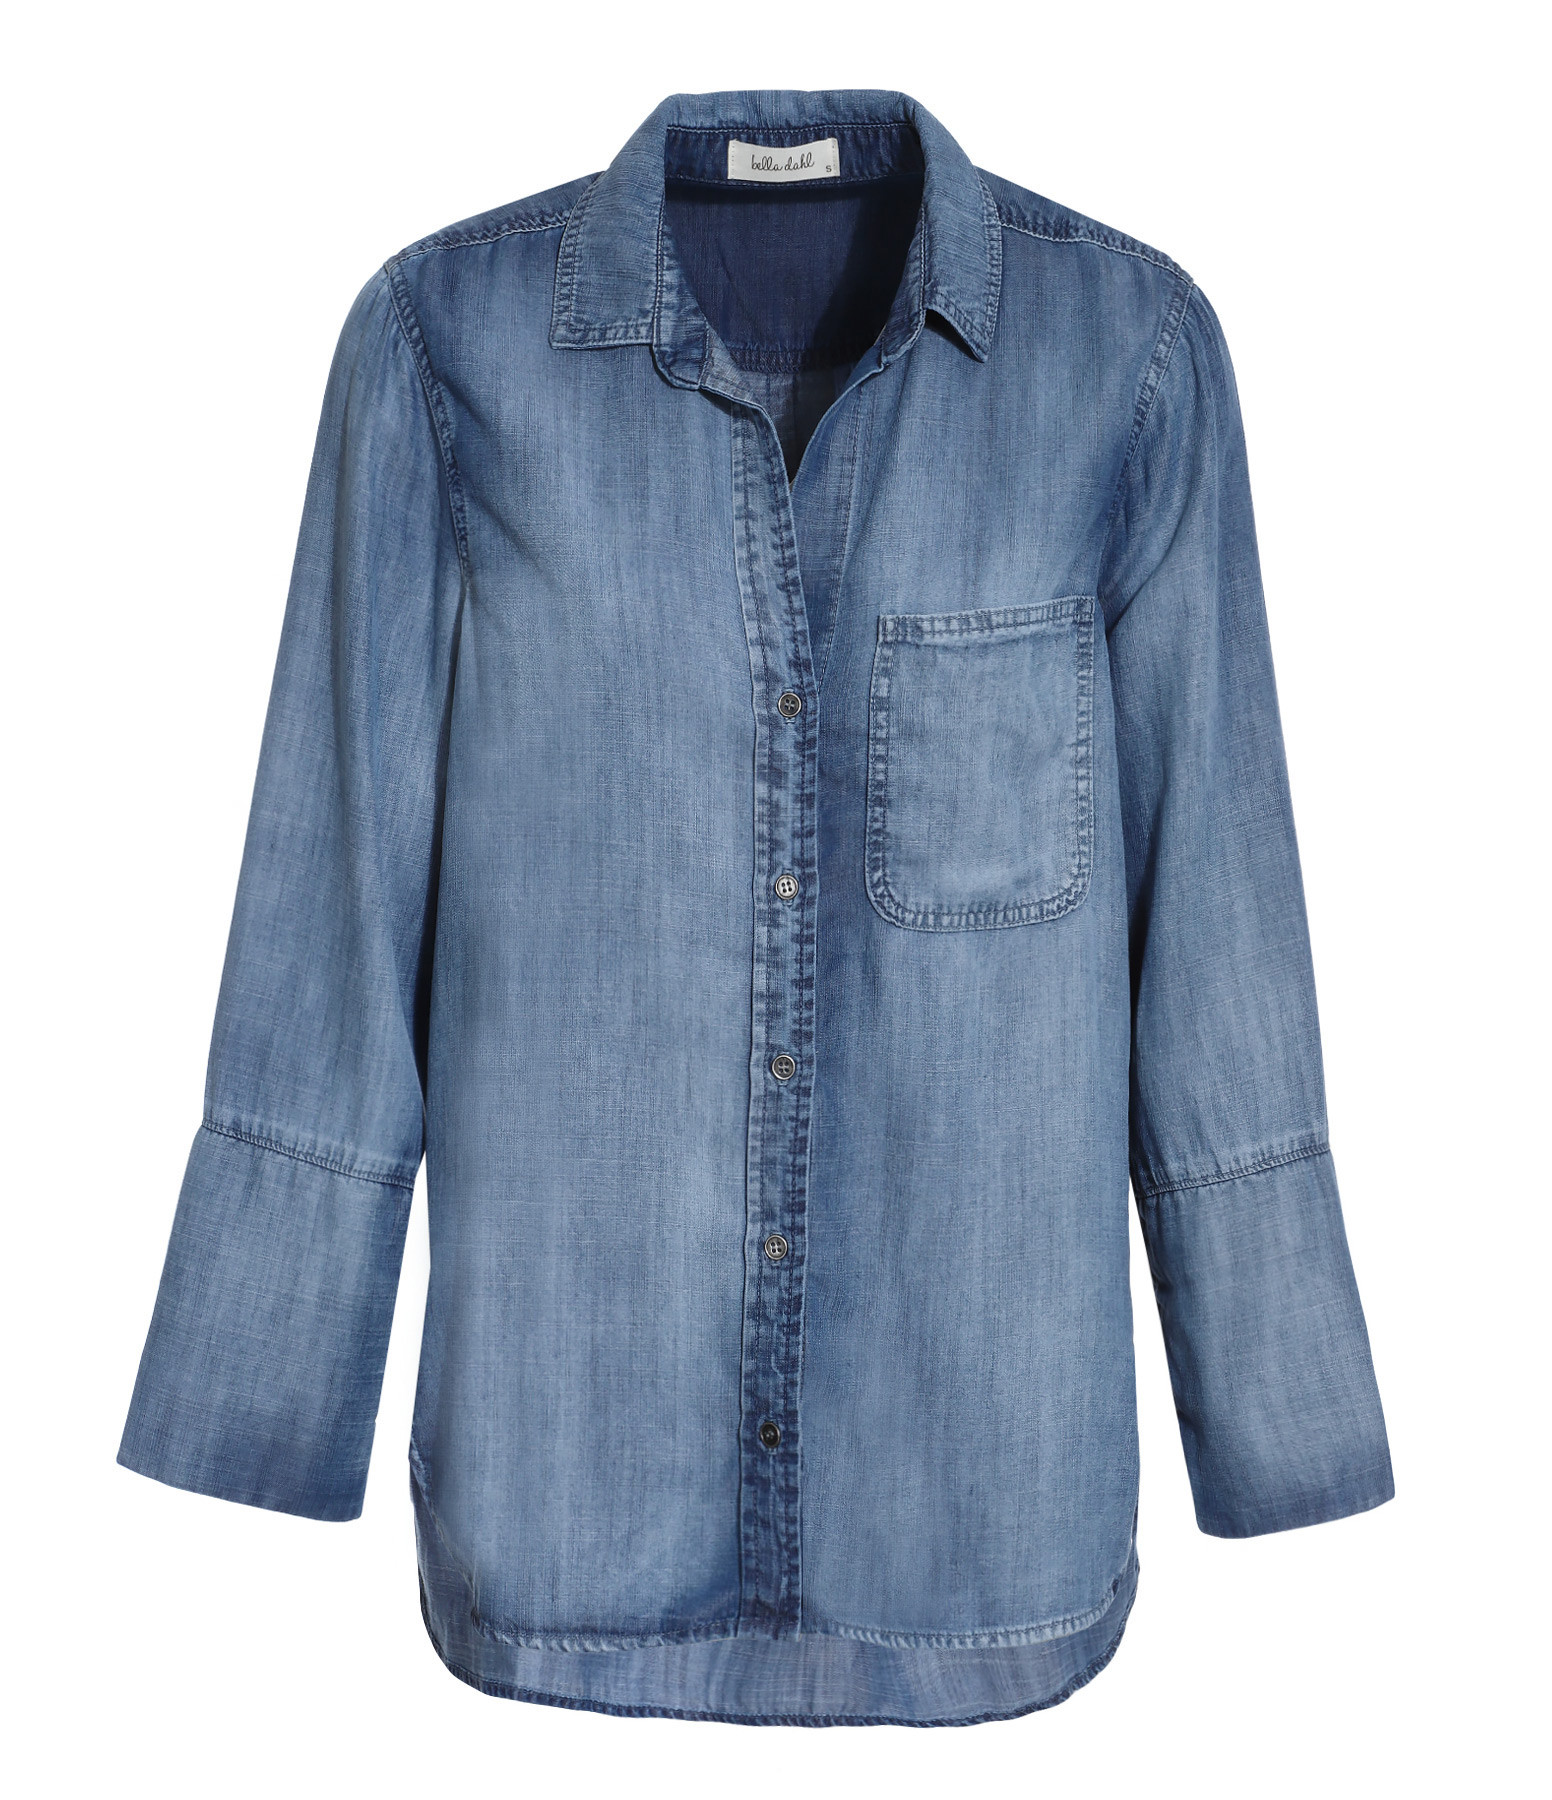 BELLA DAHL - Chemise Tail Button Down Bleu Délavé